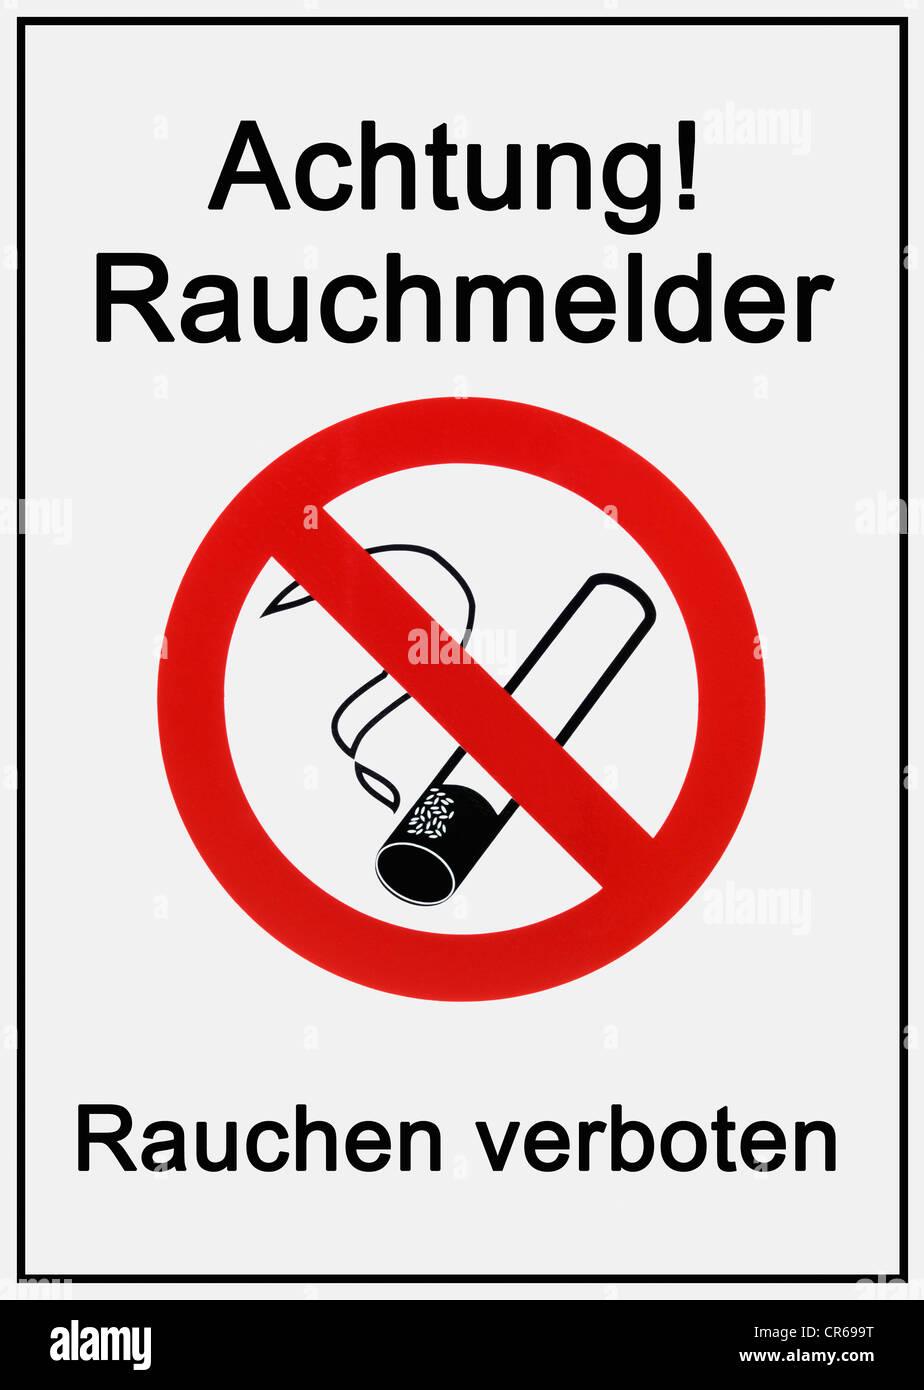 Sign, 'Achtung, Rauchmelder, Rauchen verboten', German for 'caution, smoking detector, smoking prohibited', - Stock Image